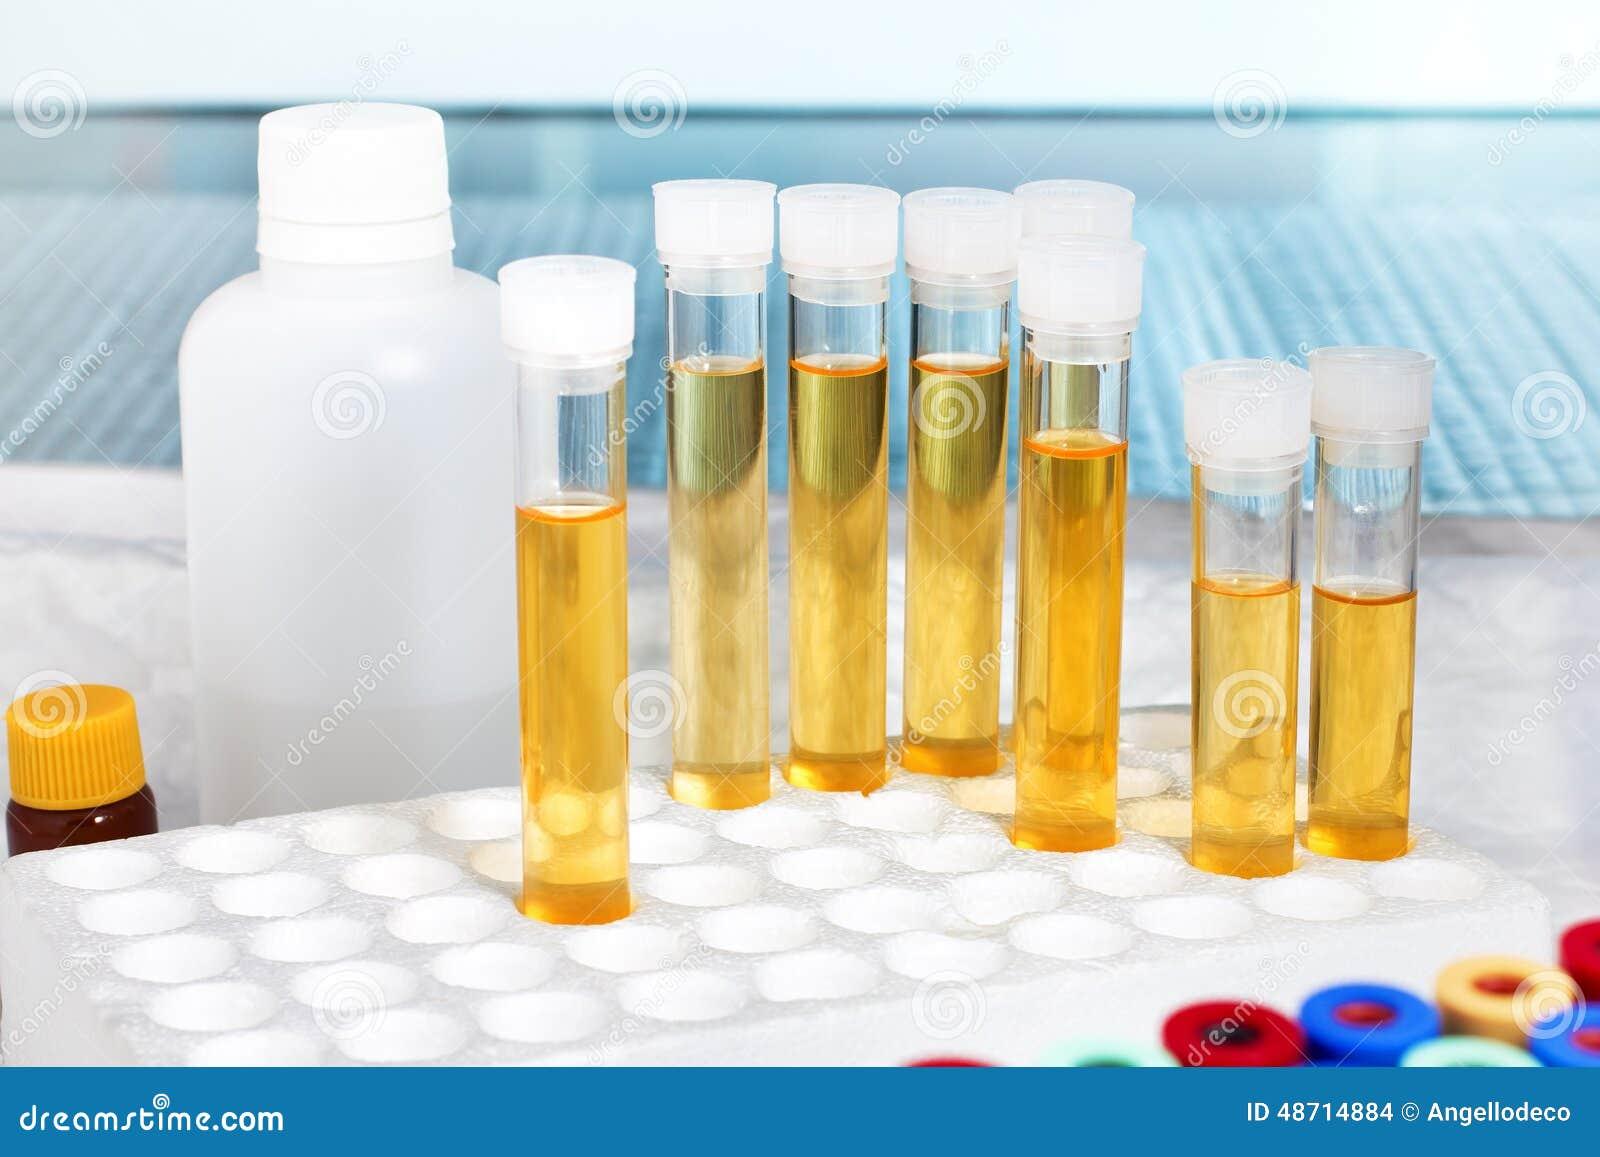 Banchi Da Lavoro Per Laboratorio Analisi : Analisi di urina in laboratorio fotografia stock immagine di